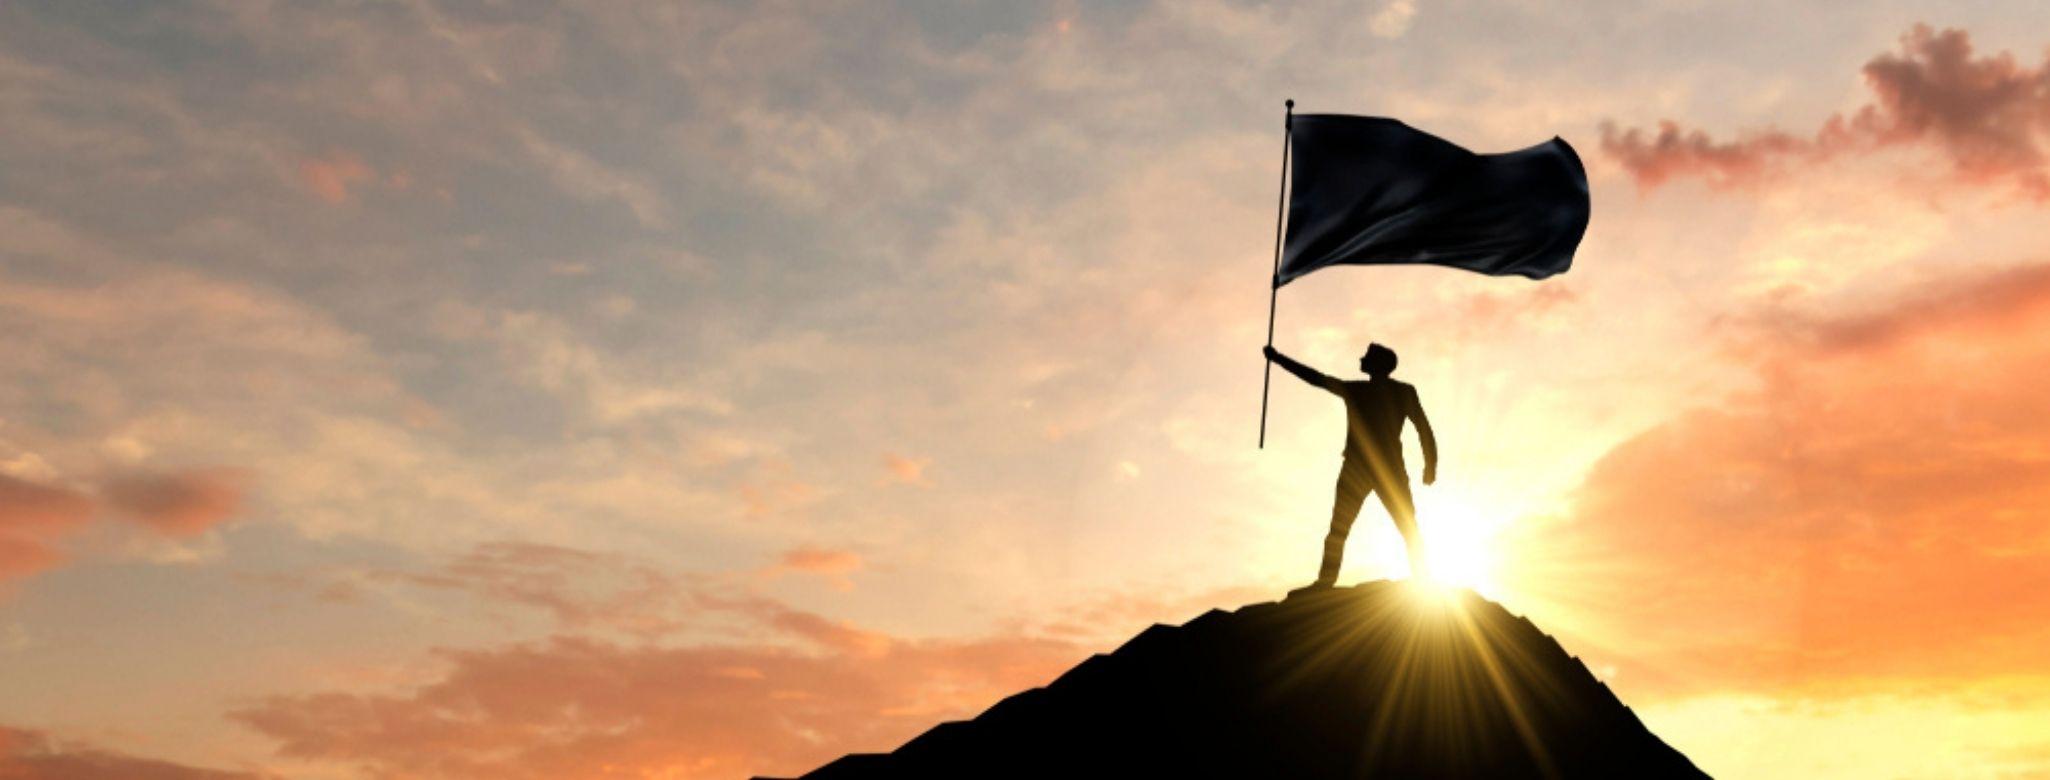 Empresa de envios ajuda a ter sucesso com a sua dupla cidadania